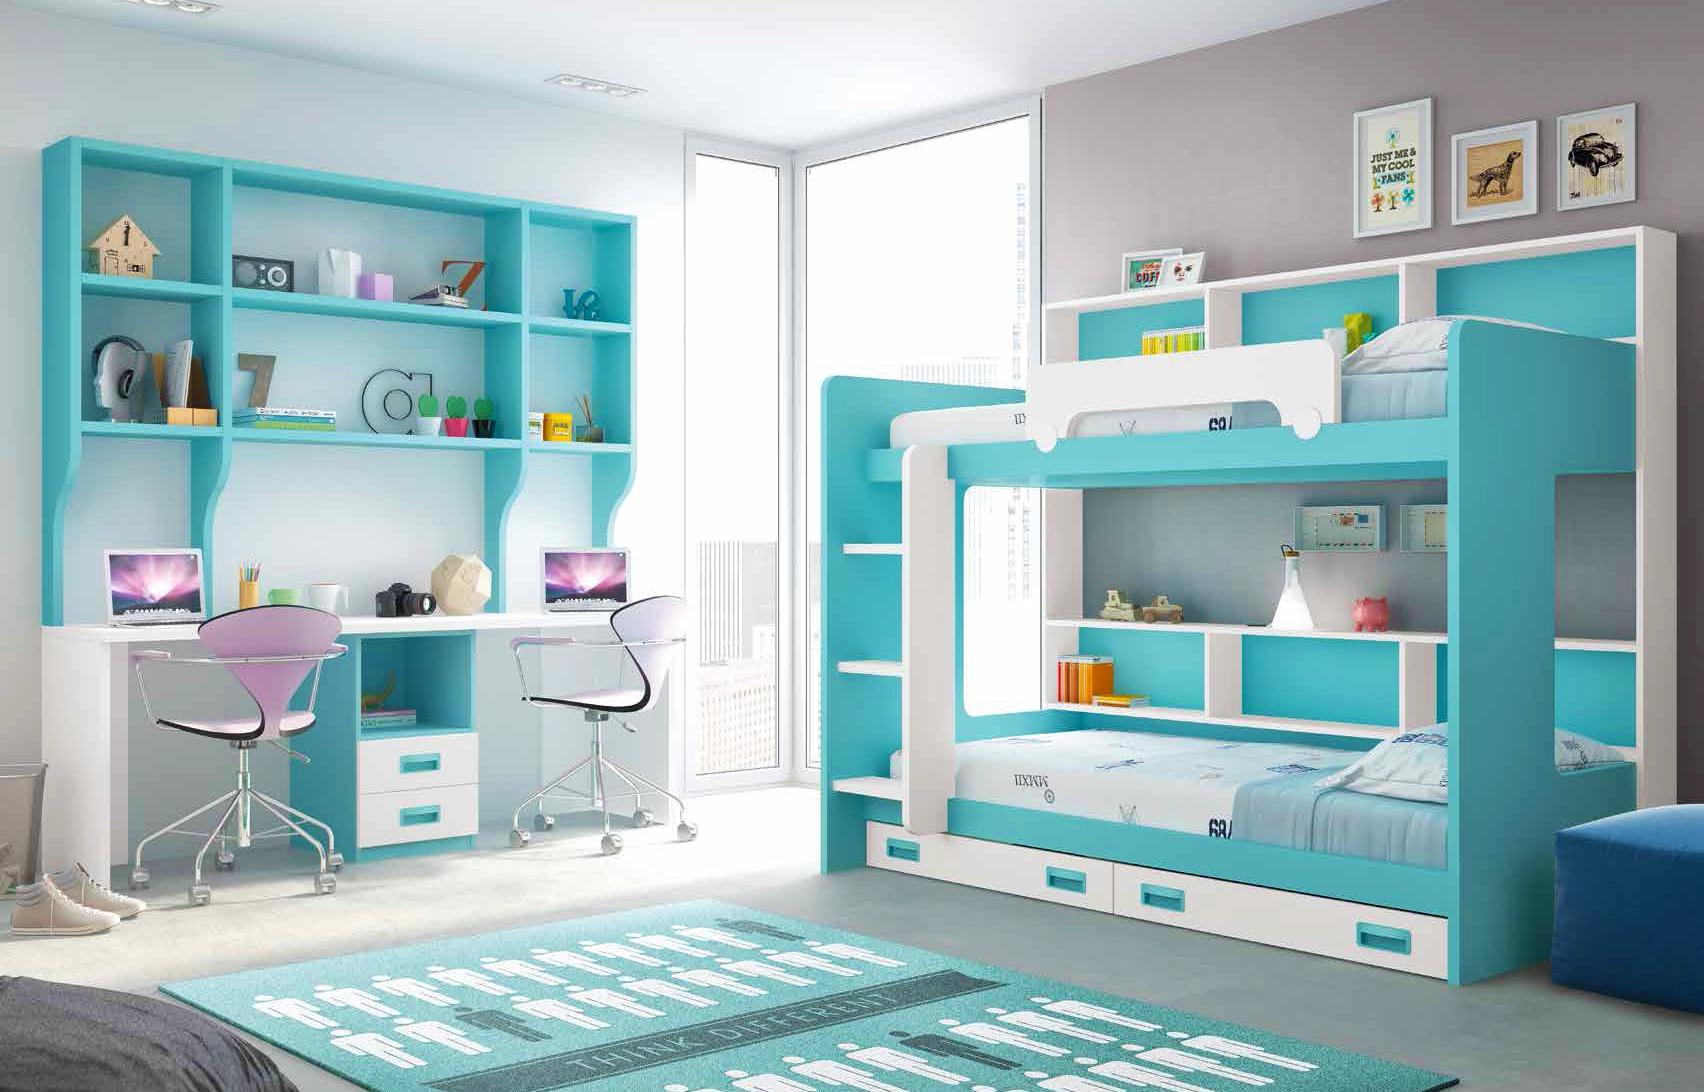 Comment réussir à aménager une chambre enfant complete